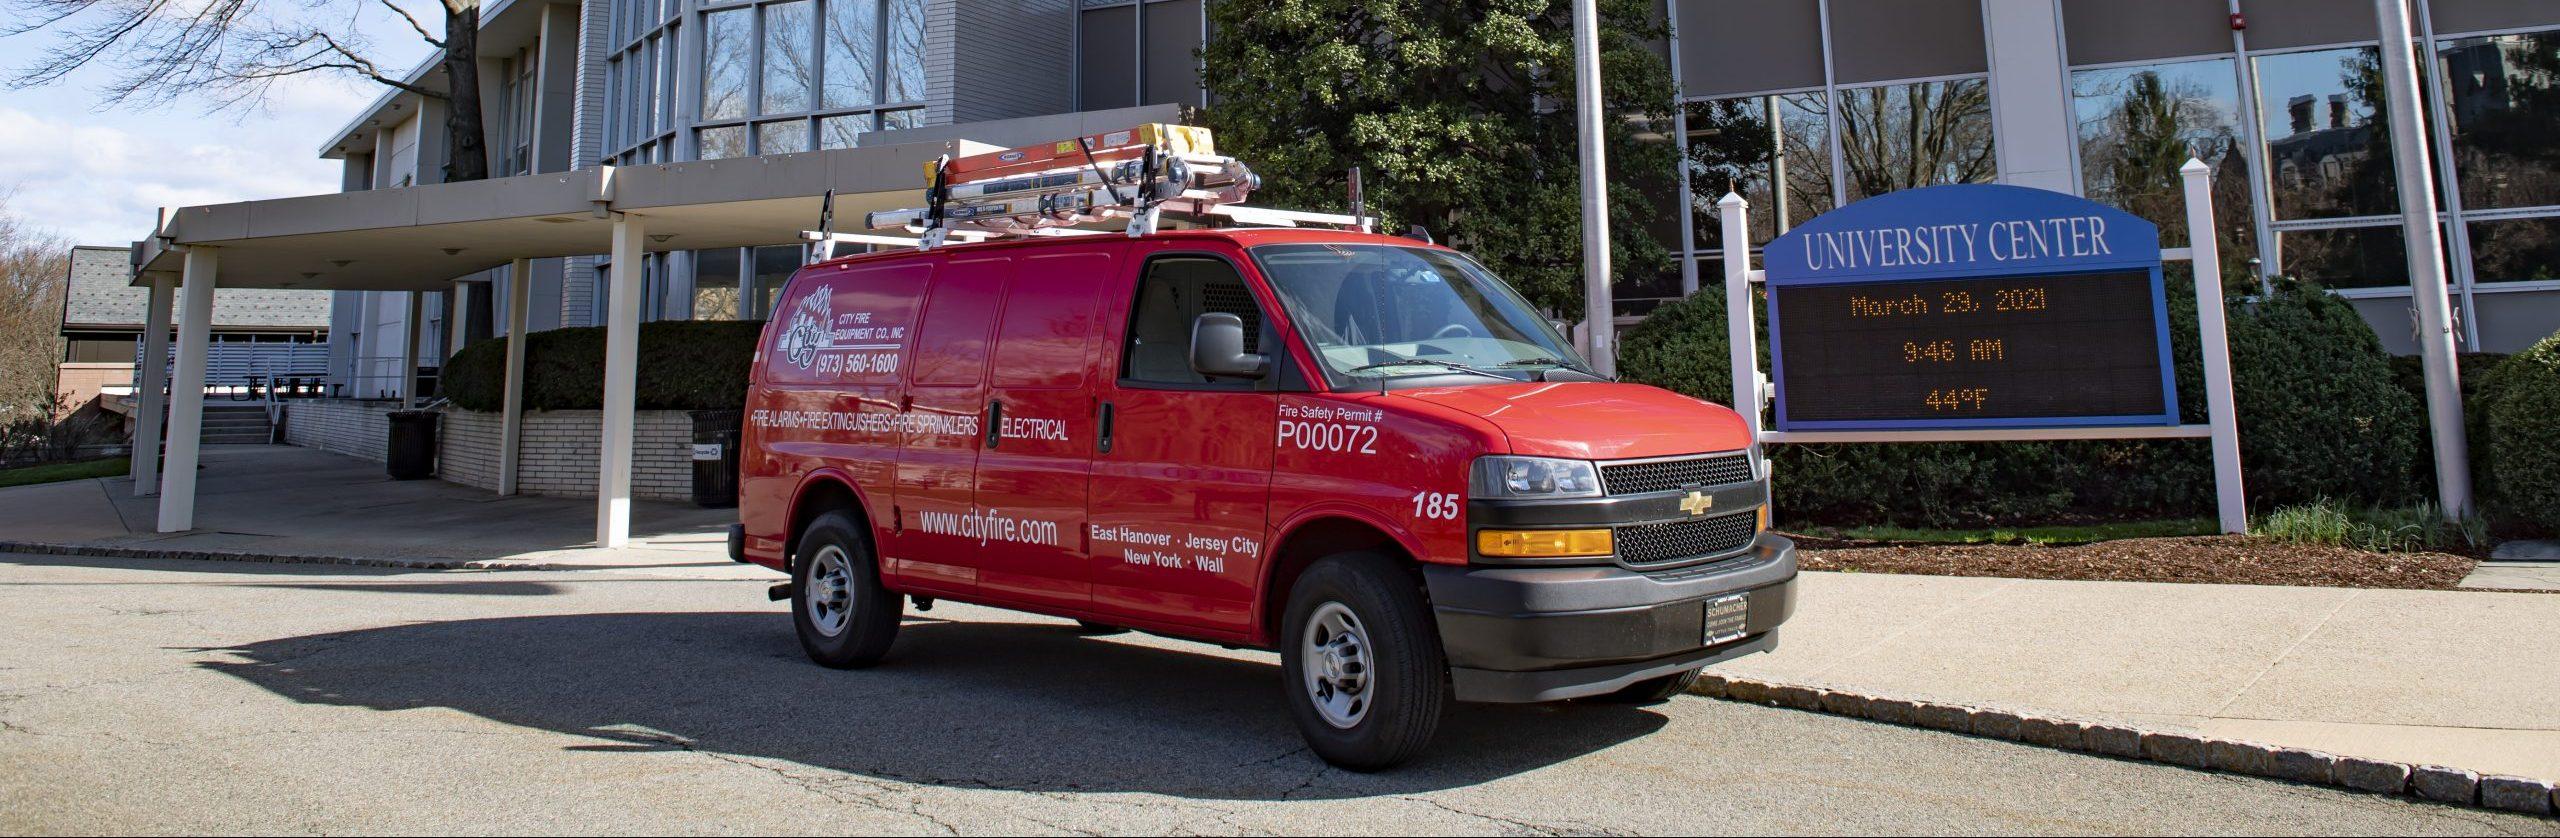 City Fire Van in front of college